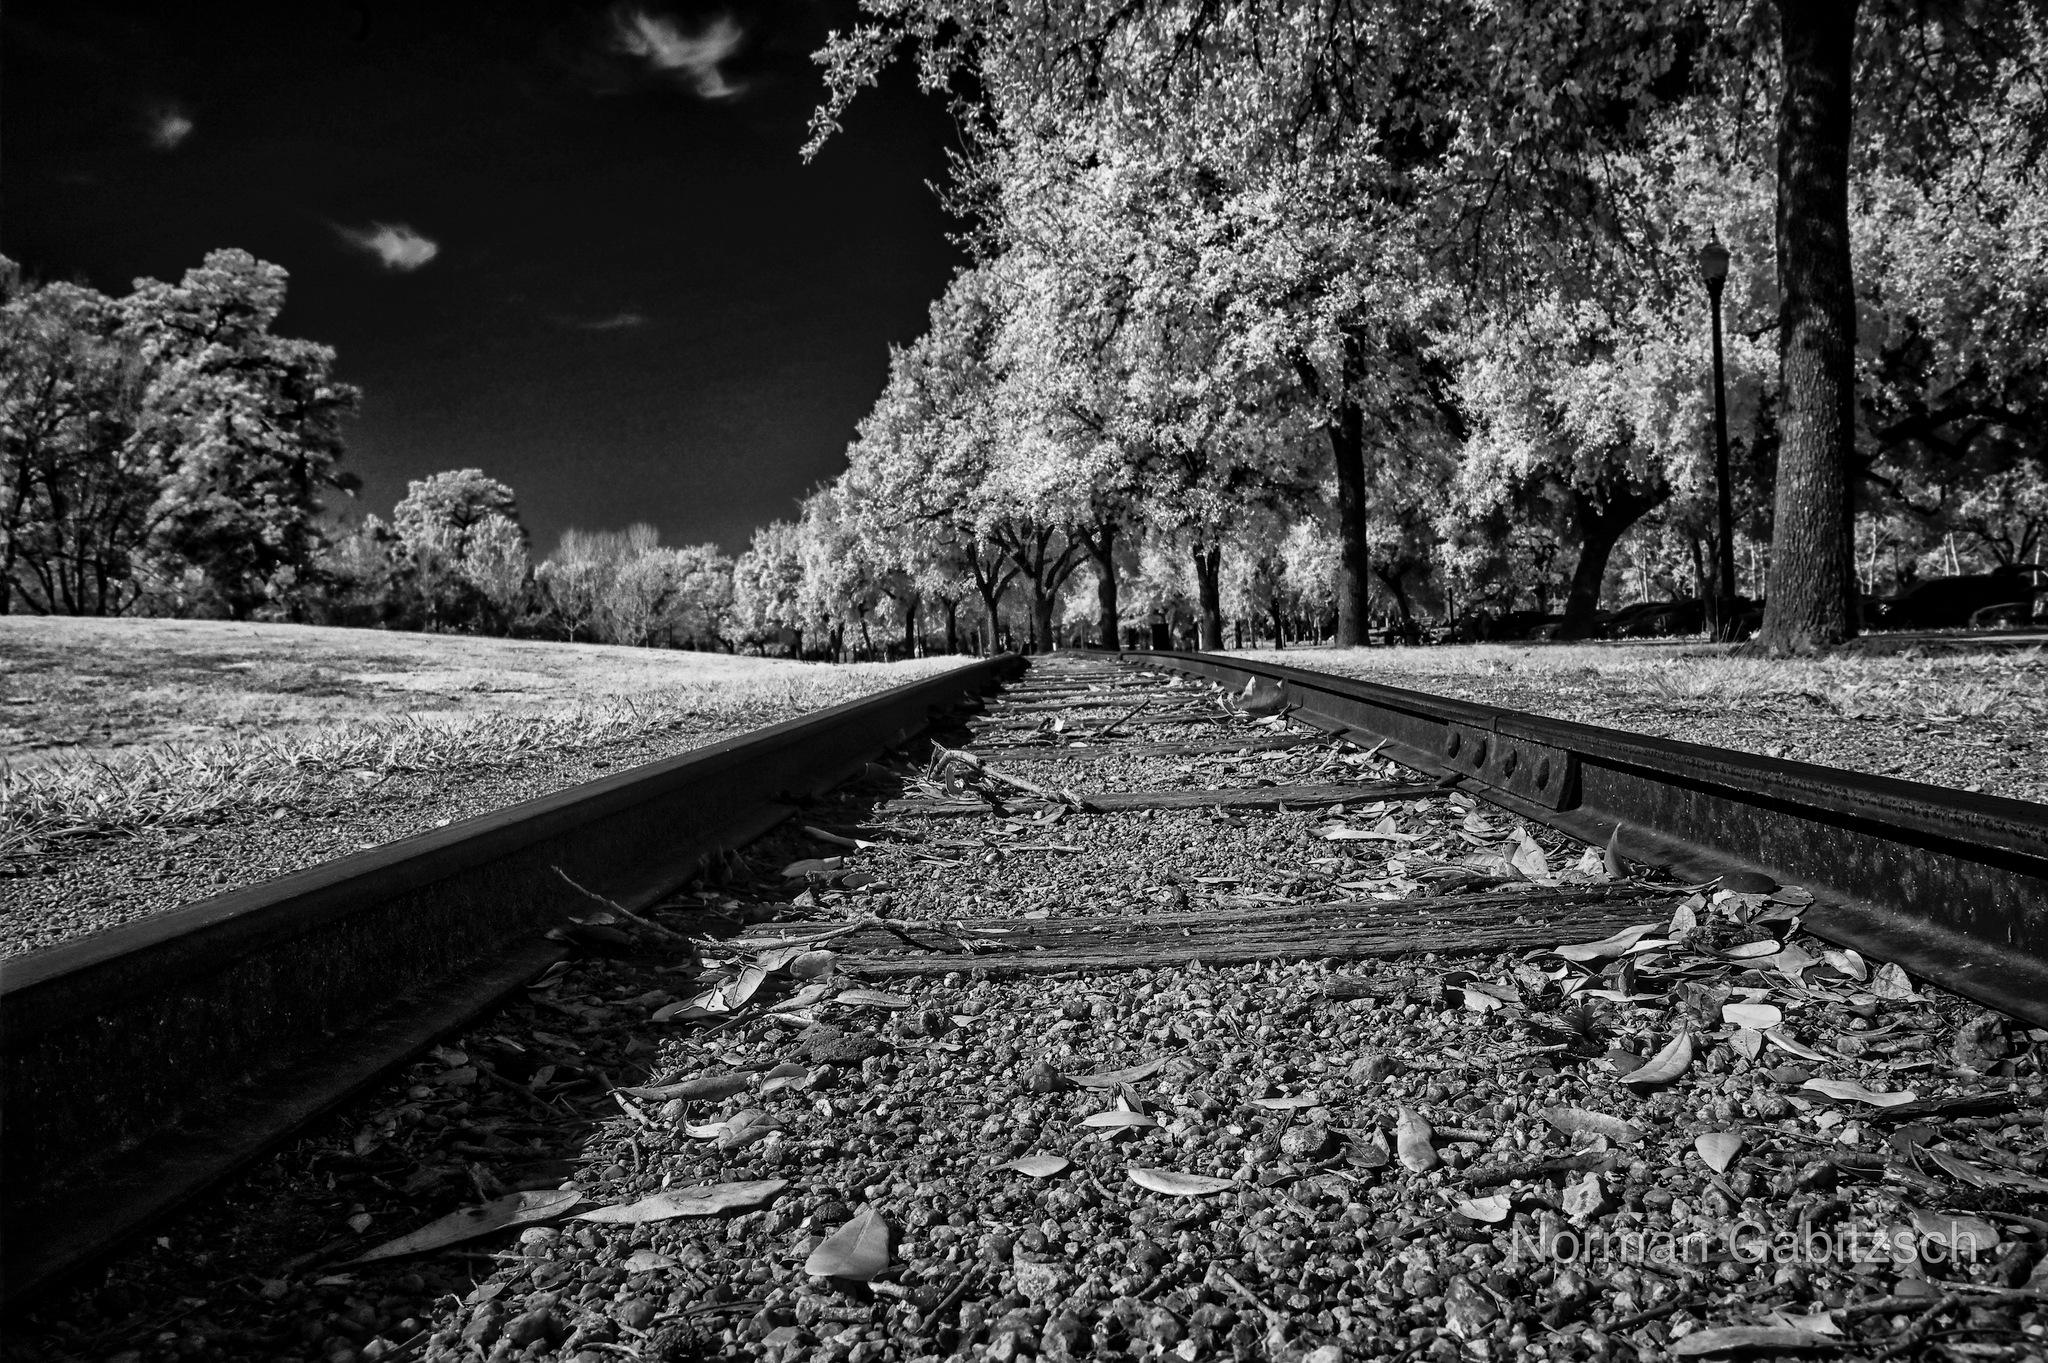 Photo in Black and White #houston #infrared #black and white #bw #bnw #b&w #monochrome #norman gabitzsch #houston photographer #youpic #outdoors #park #trees #black #nikon